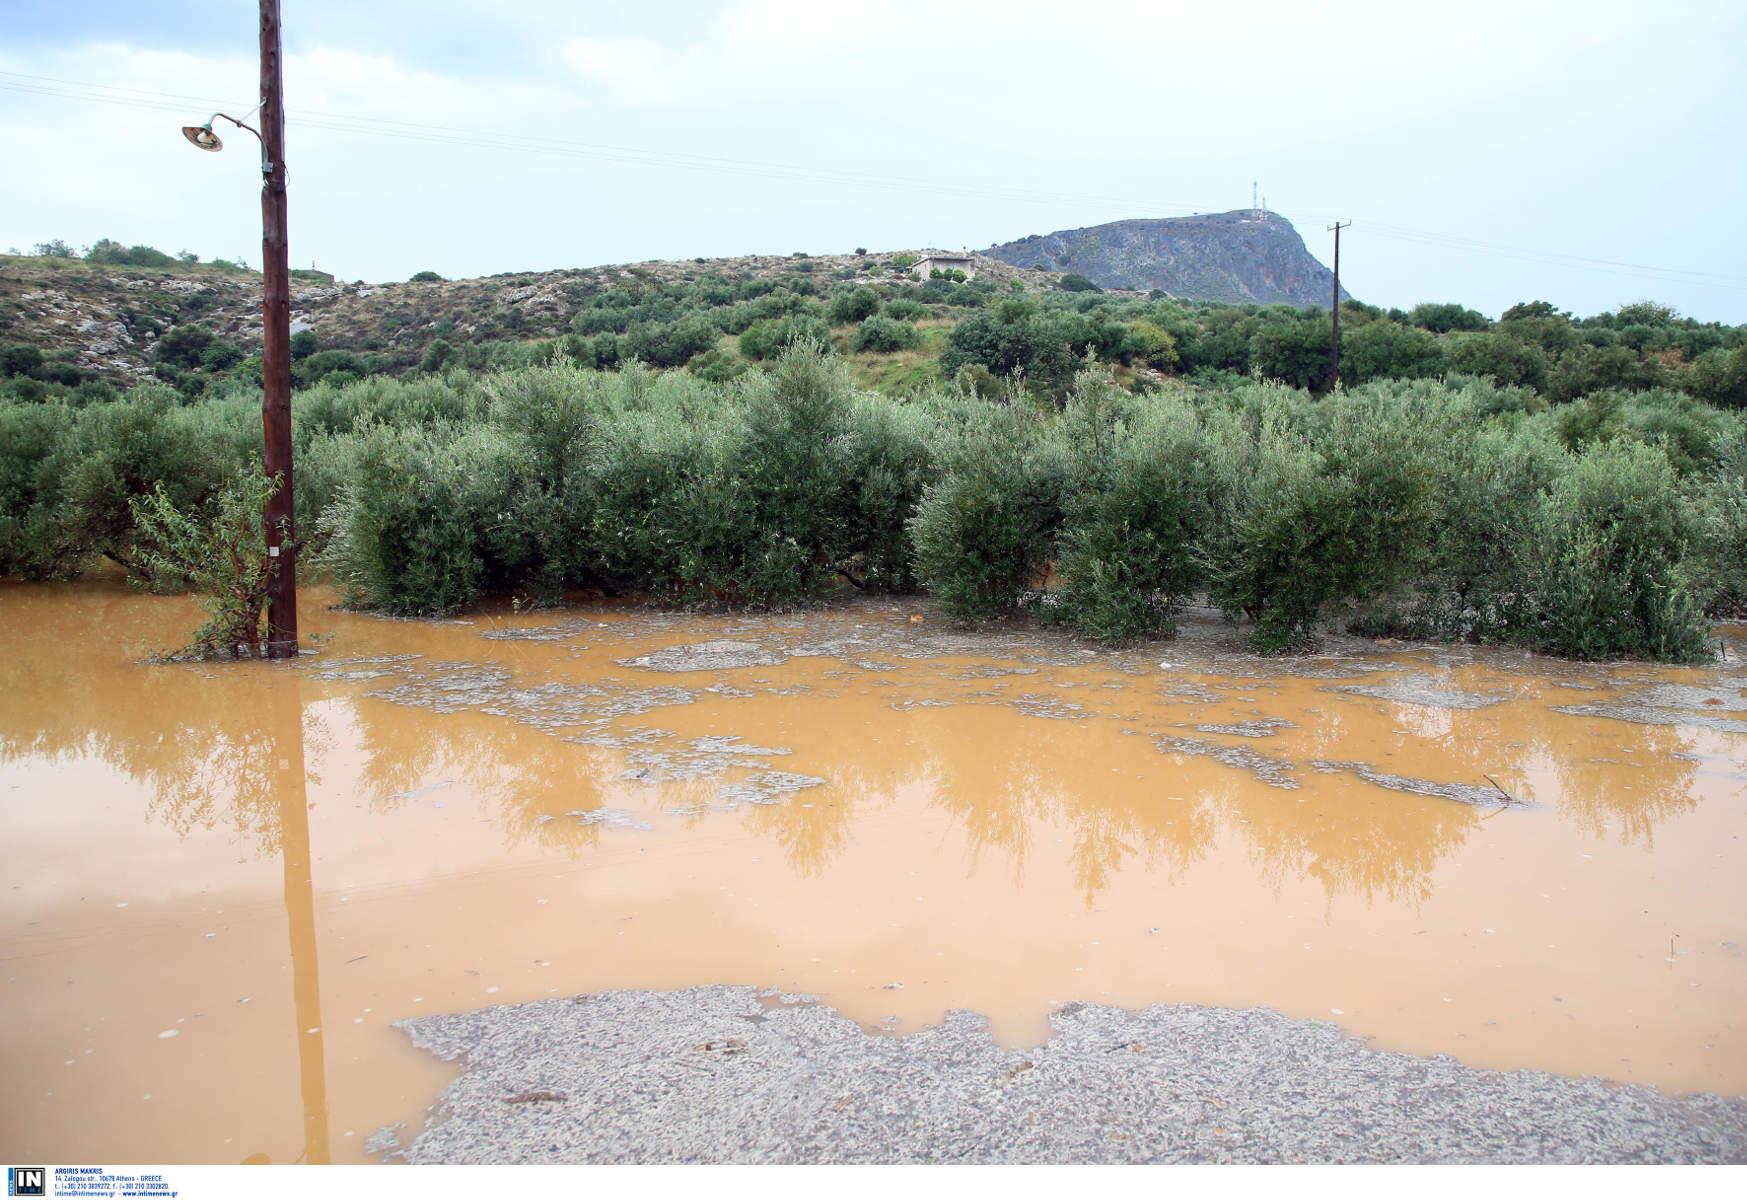 Πολλά προβλήματα από την κακοκαιρία σε όλη την Ελλάδα – Διακοπές κυκλοφορίας και κλήσεις στην πυροσβεστική